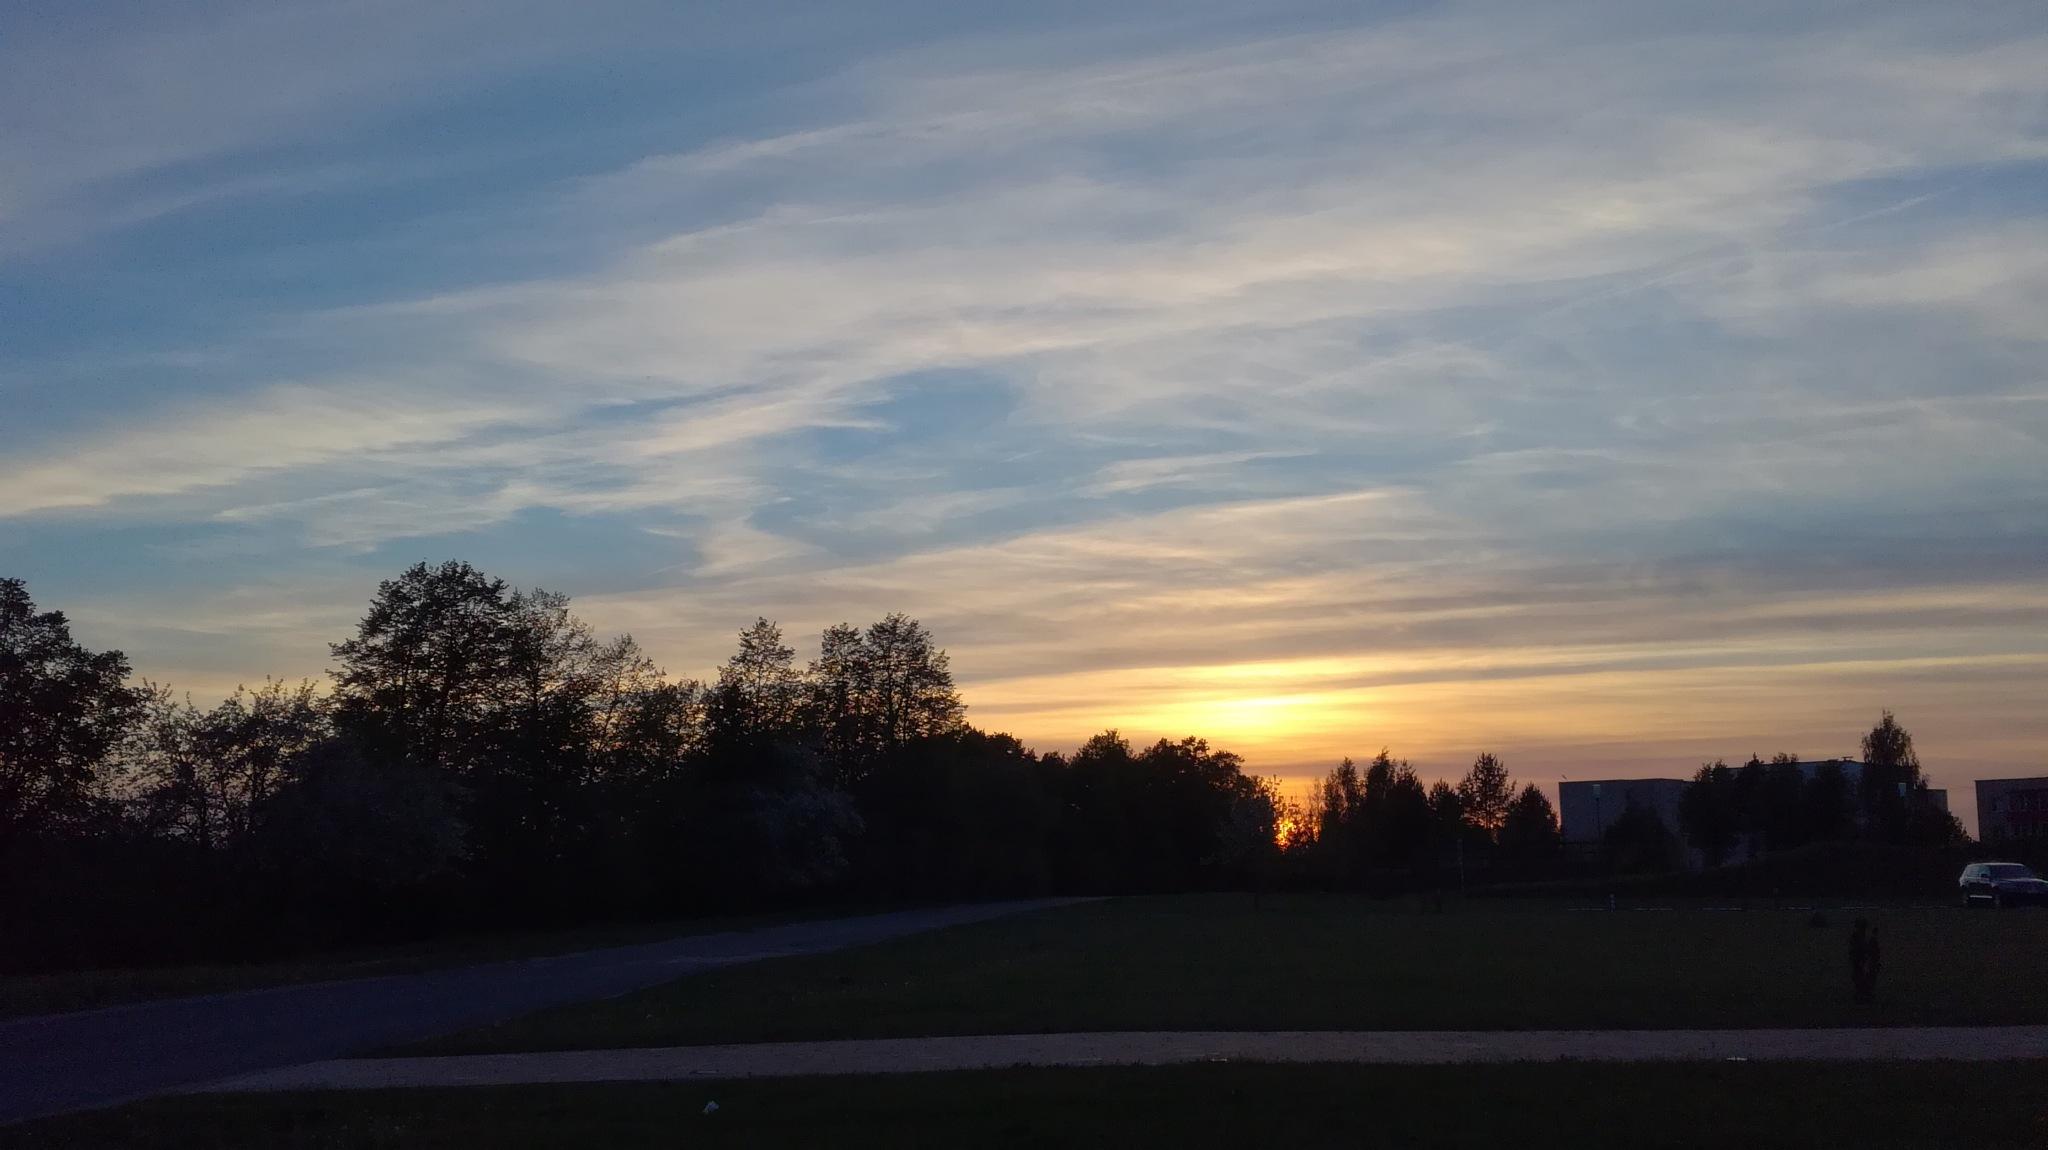 Sky in evening by uzkuraitiene62